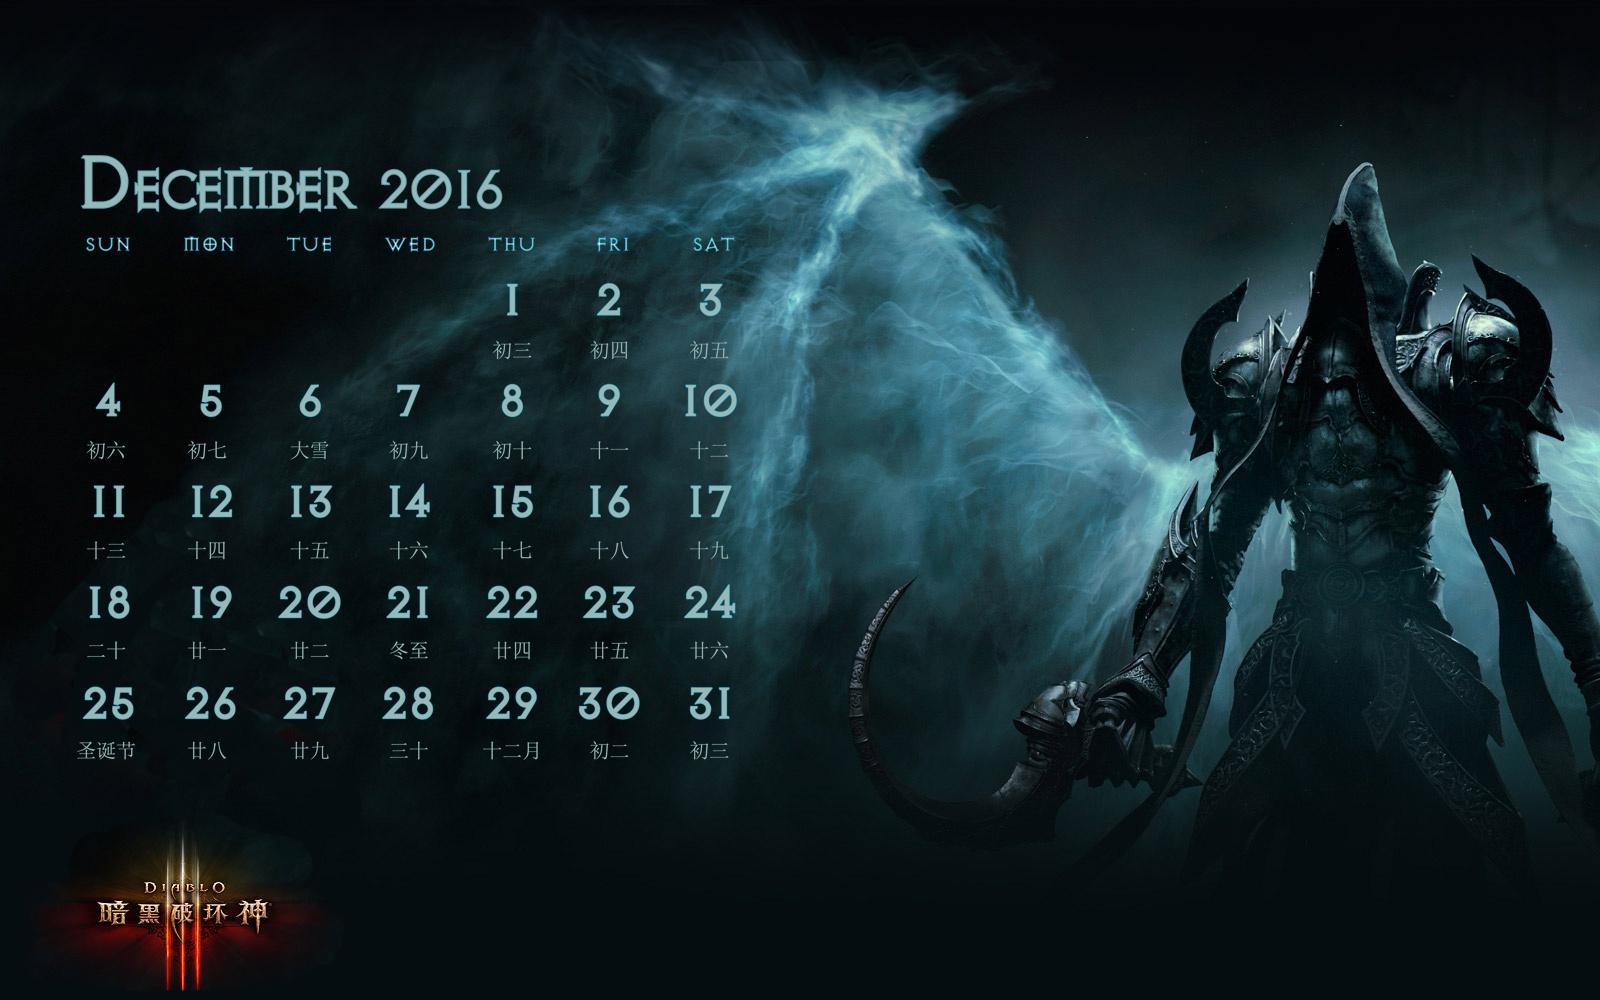 玩家有爱原创品:2016年暗黑3主题月历图片